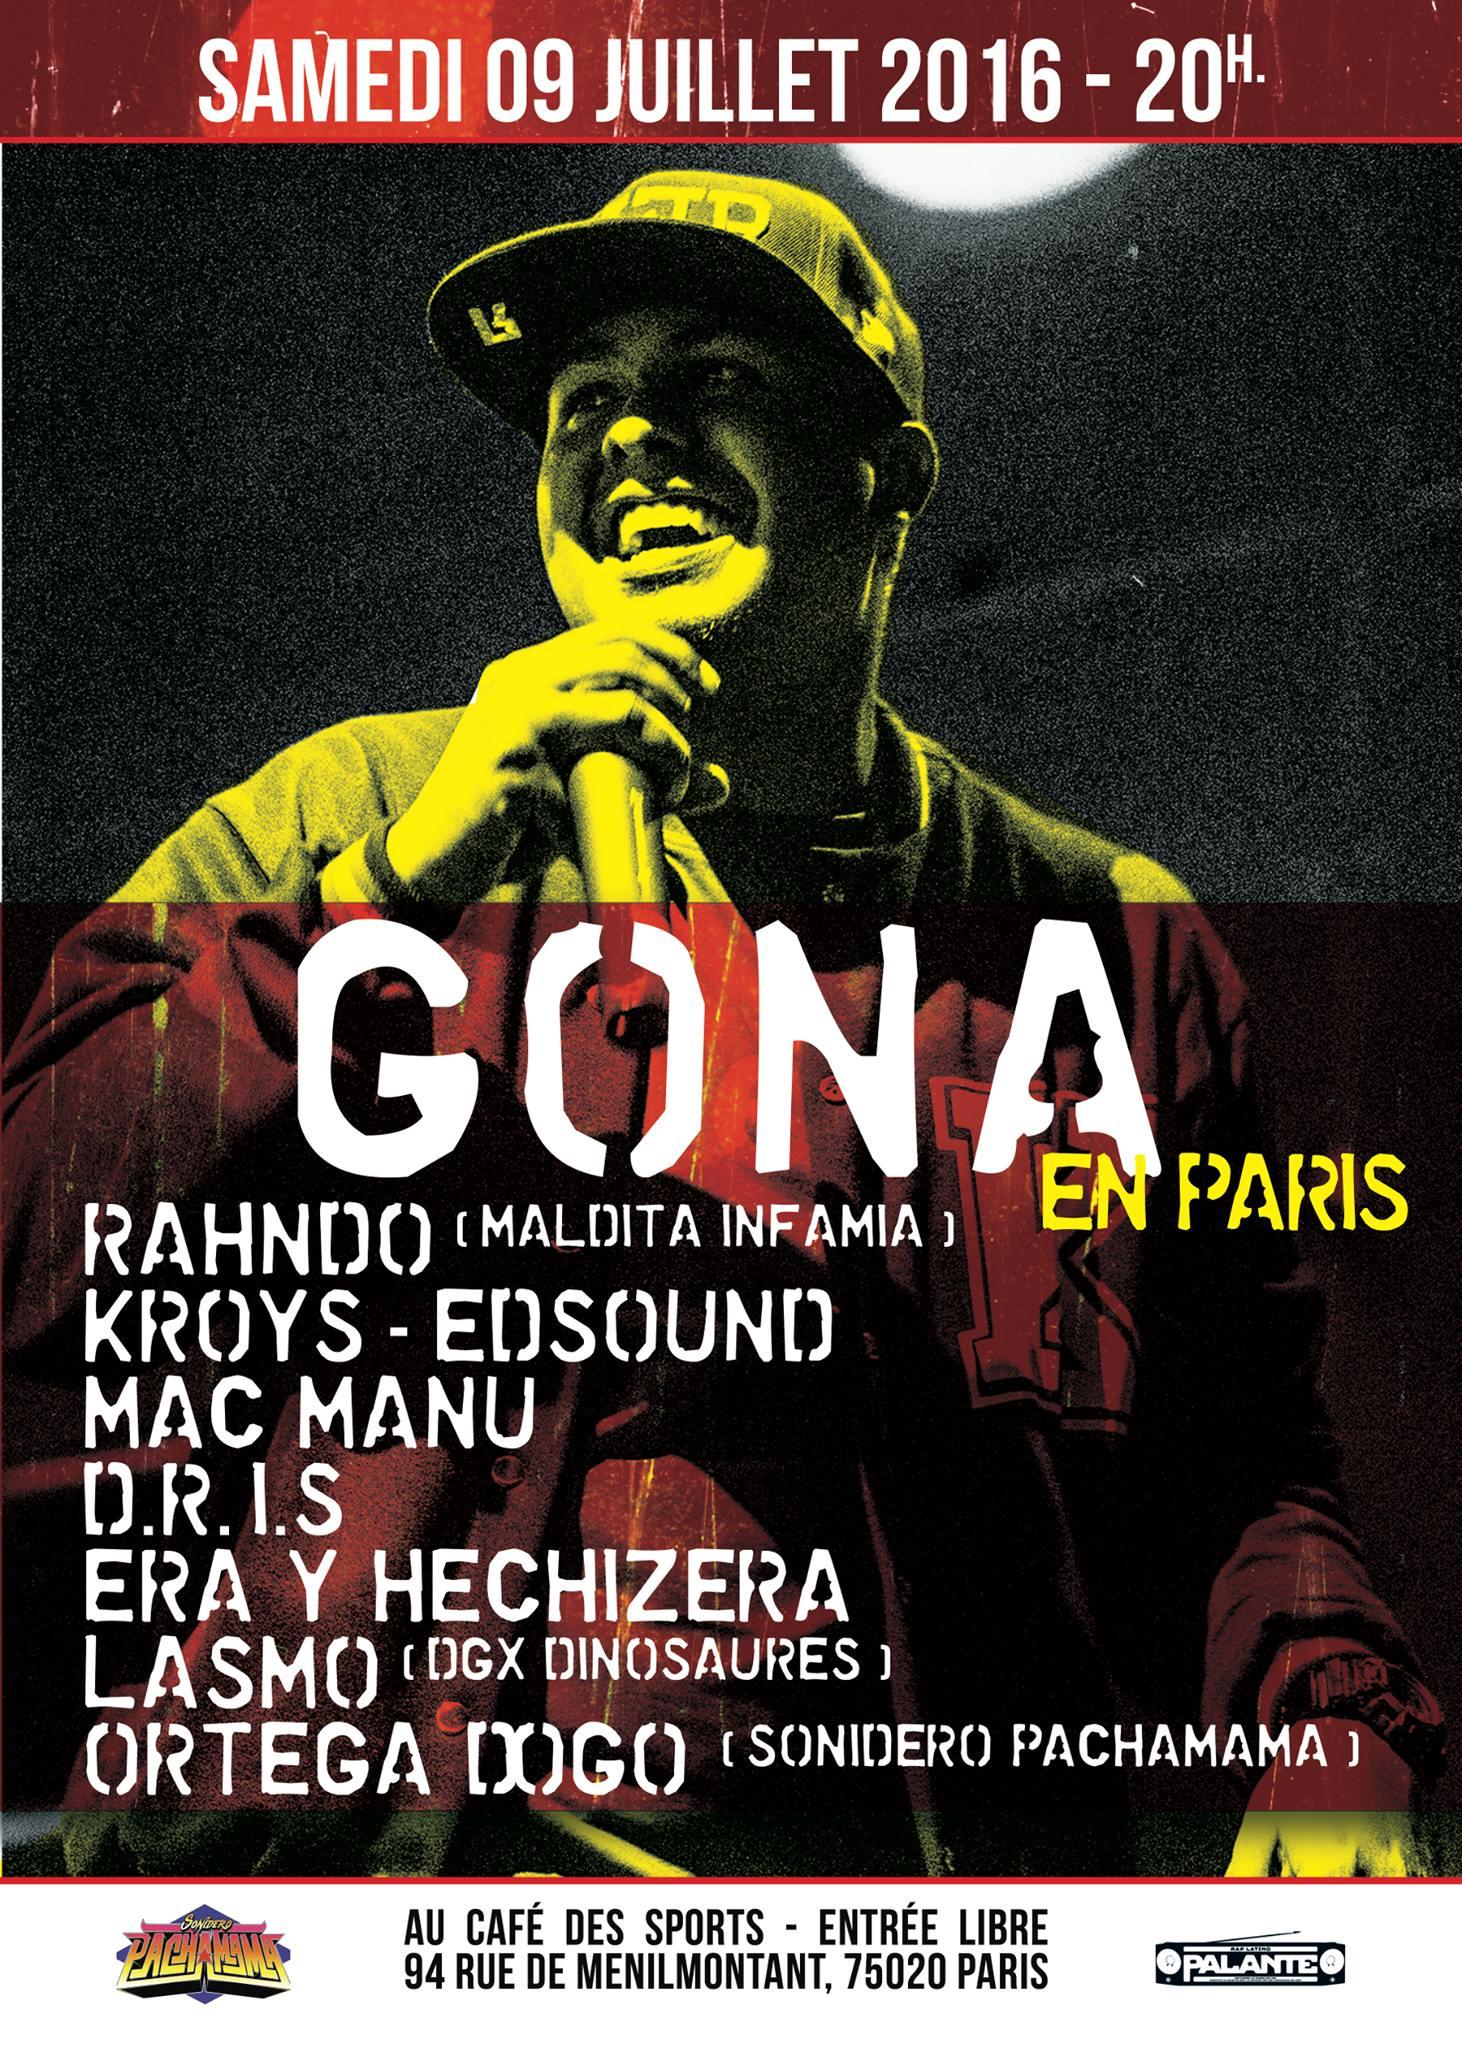 Soirée 'Gona en Paris' le samedi 09 juillet 2016 à Paris